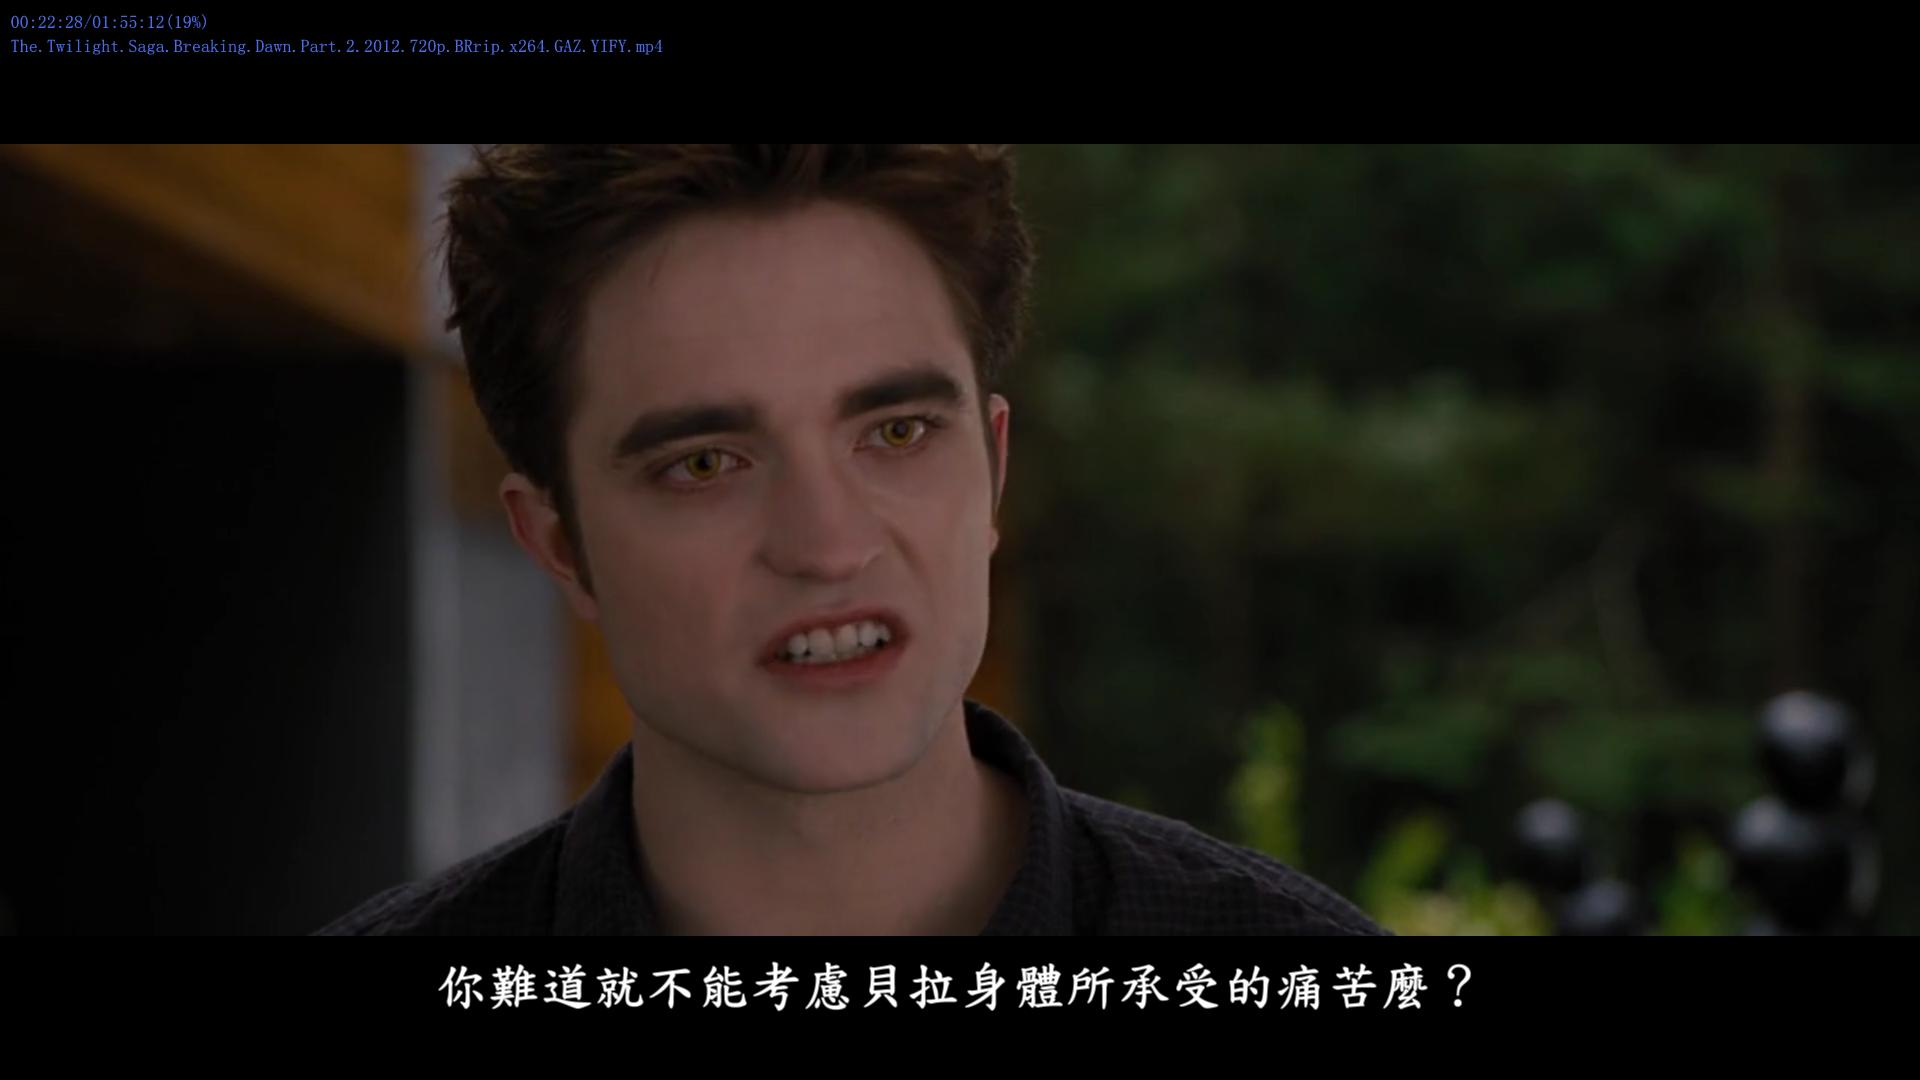 暮光之城:破曉 2 The Twilight Saga:Breaking Dawn Part 2